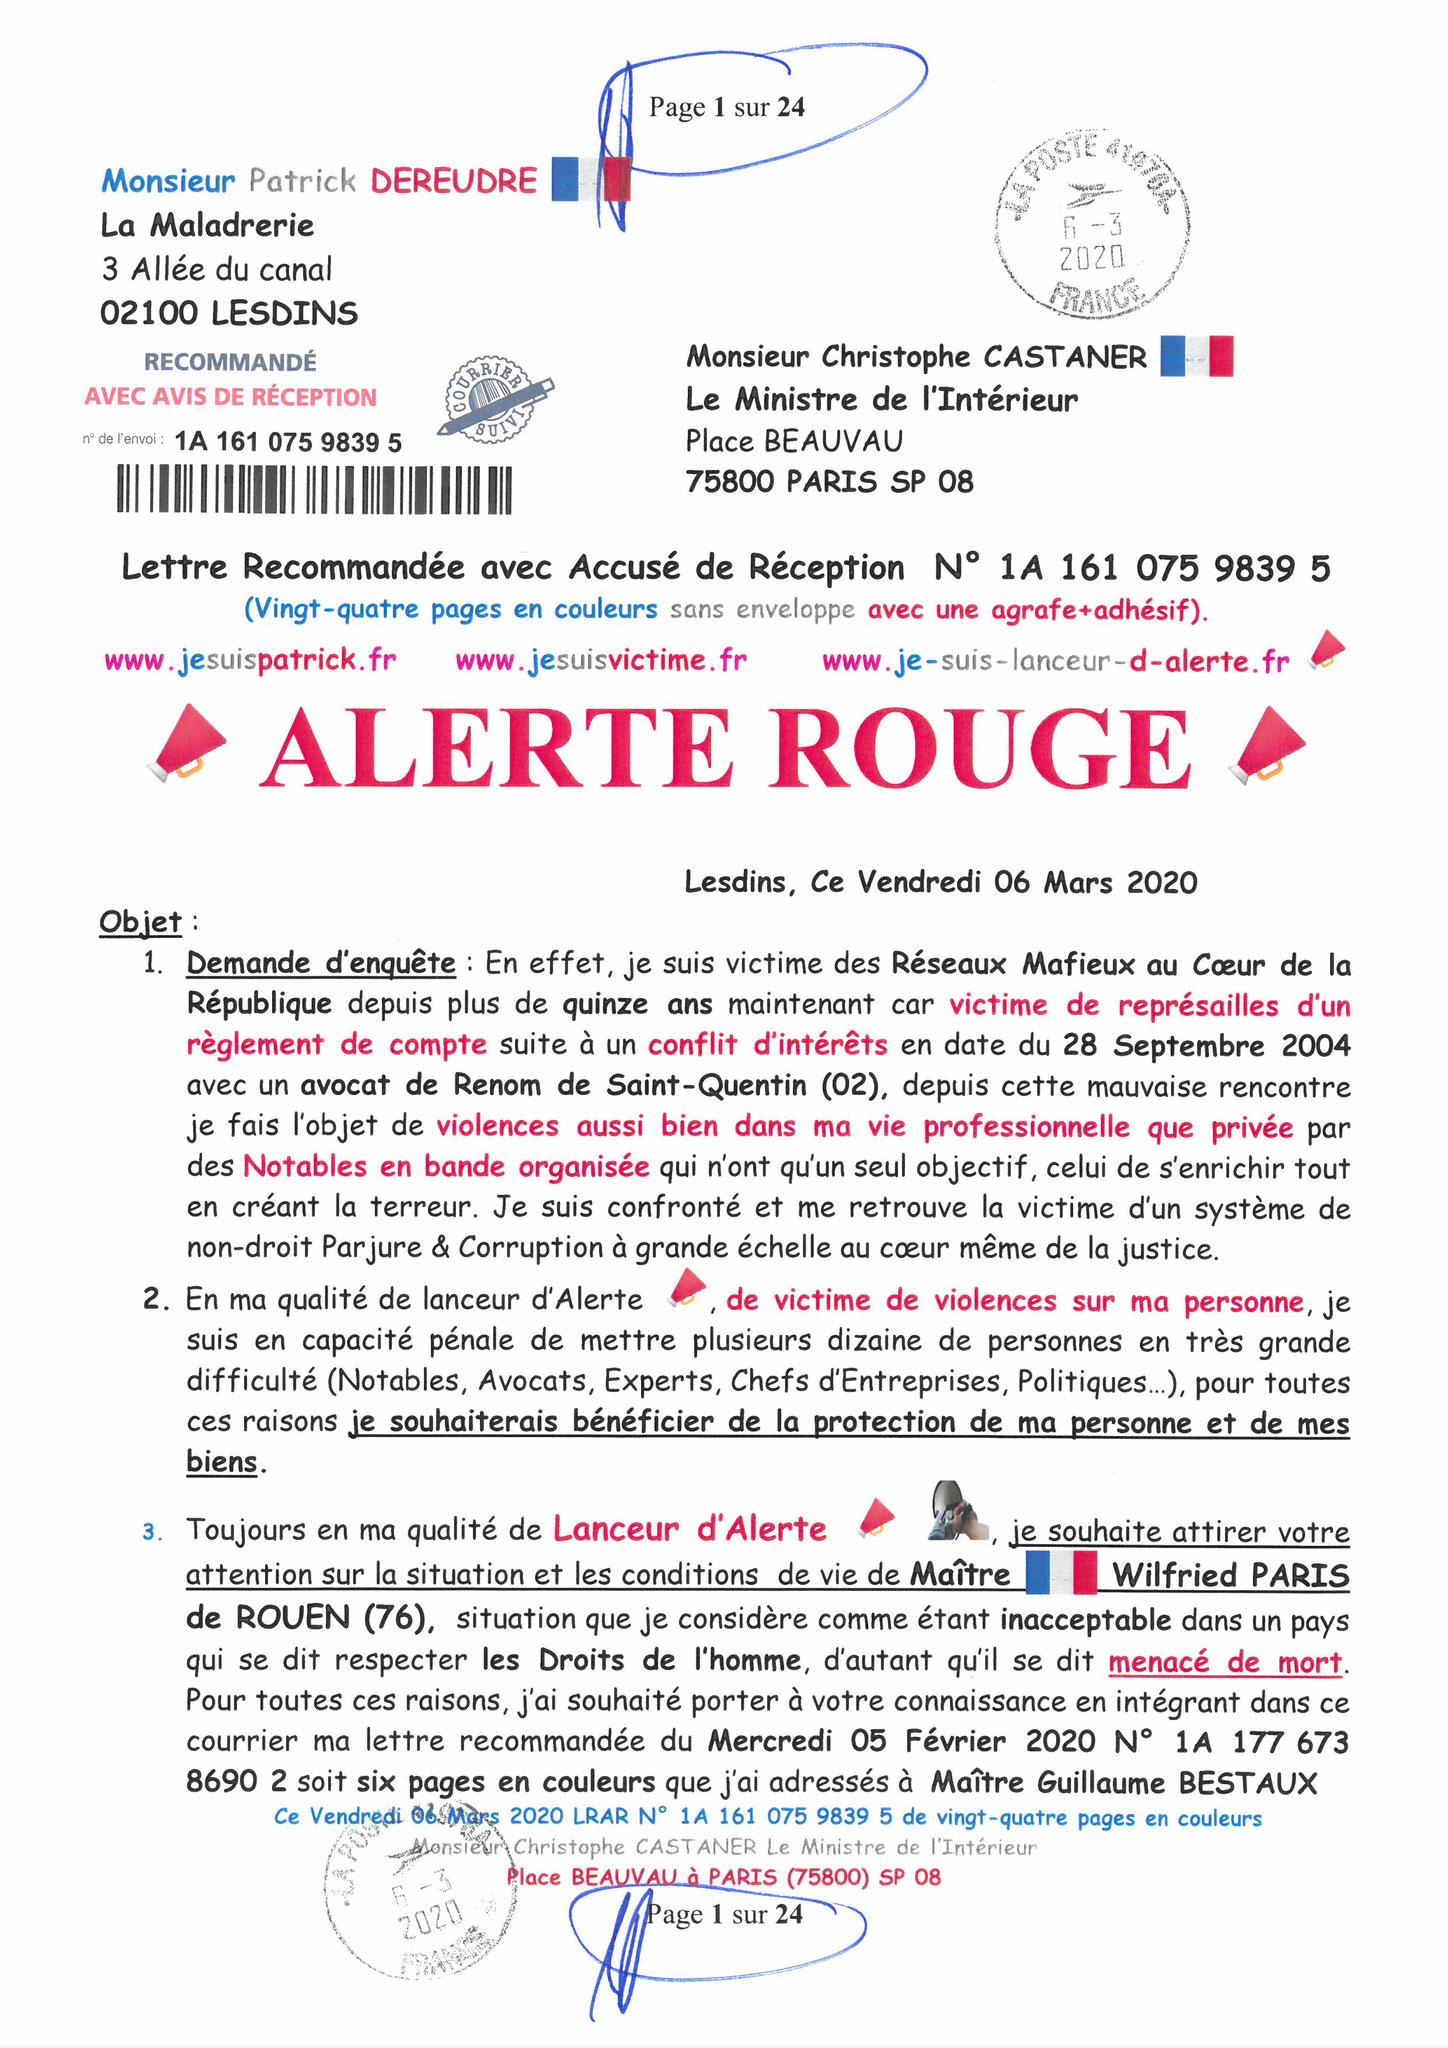 Ma LRAR à Monsieur le Ministre de l'Intérieur Christophe CASTANER N°1A 161 075 9839 5  Page 1 sur 24 en couleur du 06 Mars 2020  www.jesuispatrick.fr www.jesuisvictime.fr www.alerte-rouge-france.fr